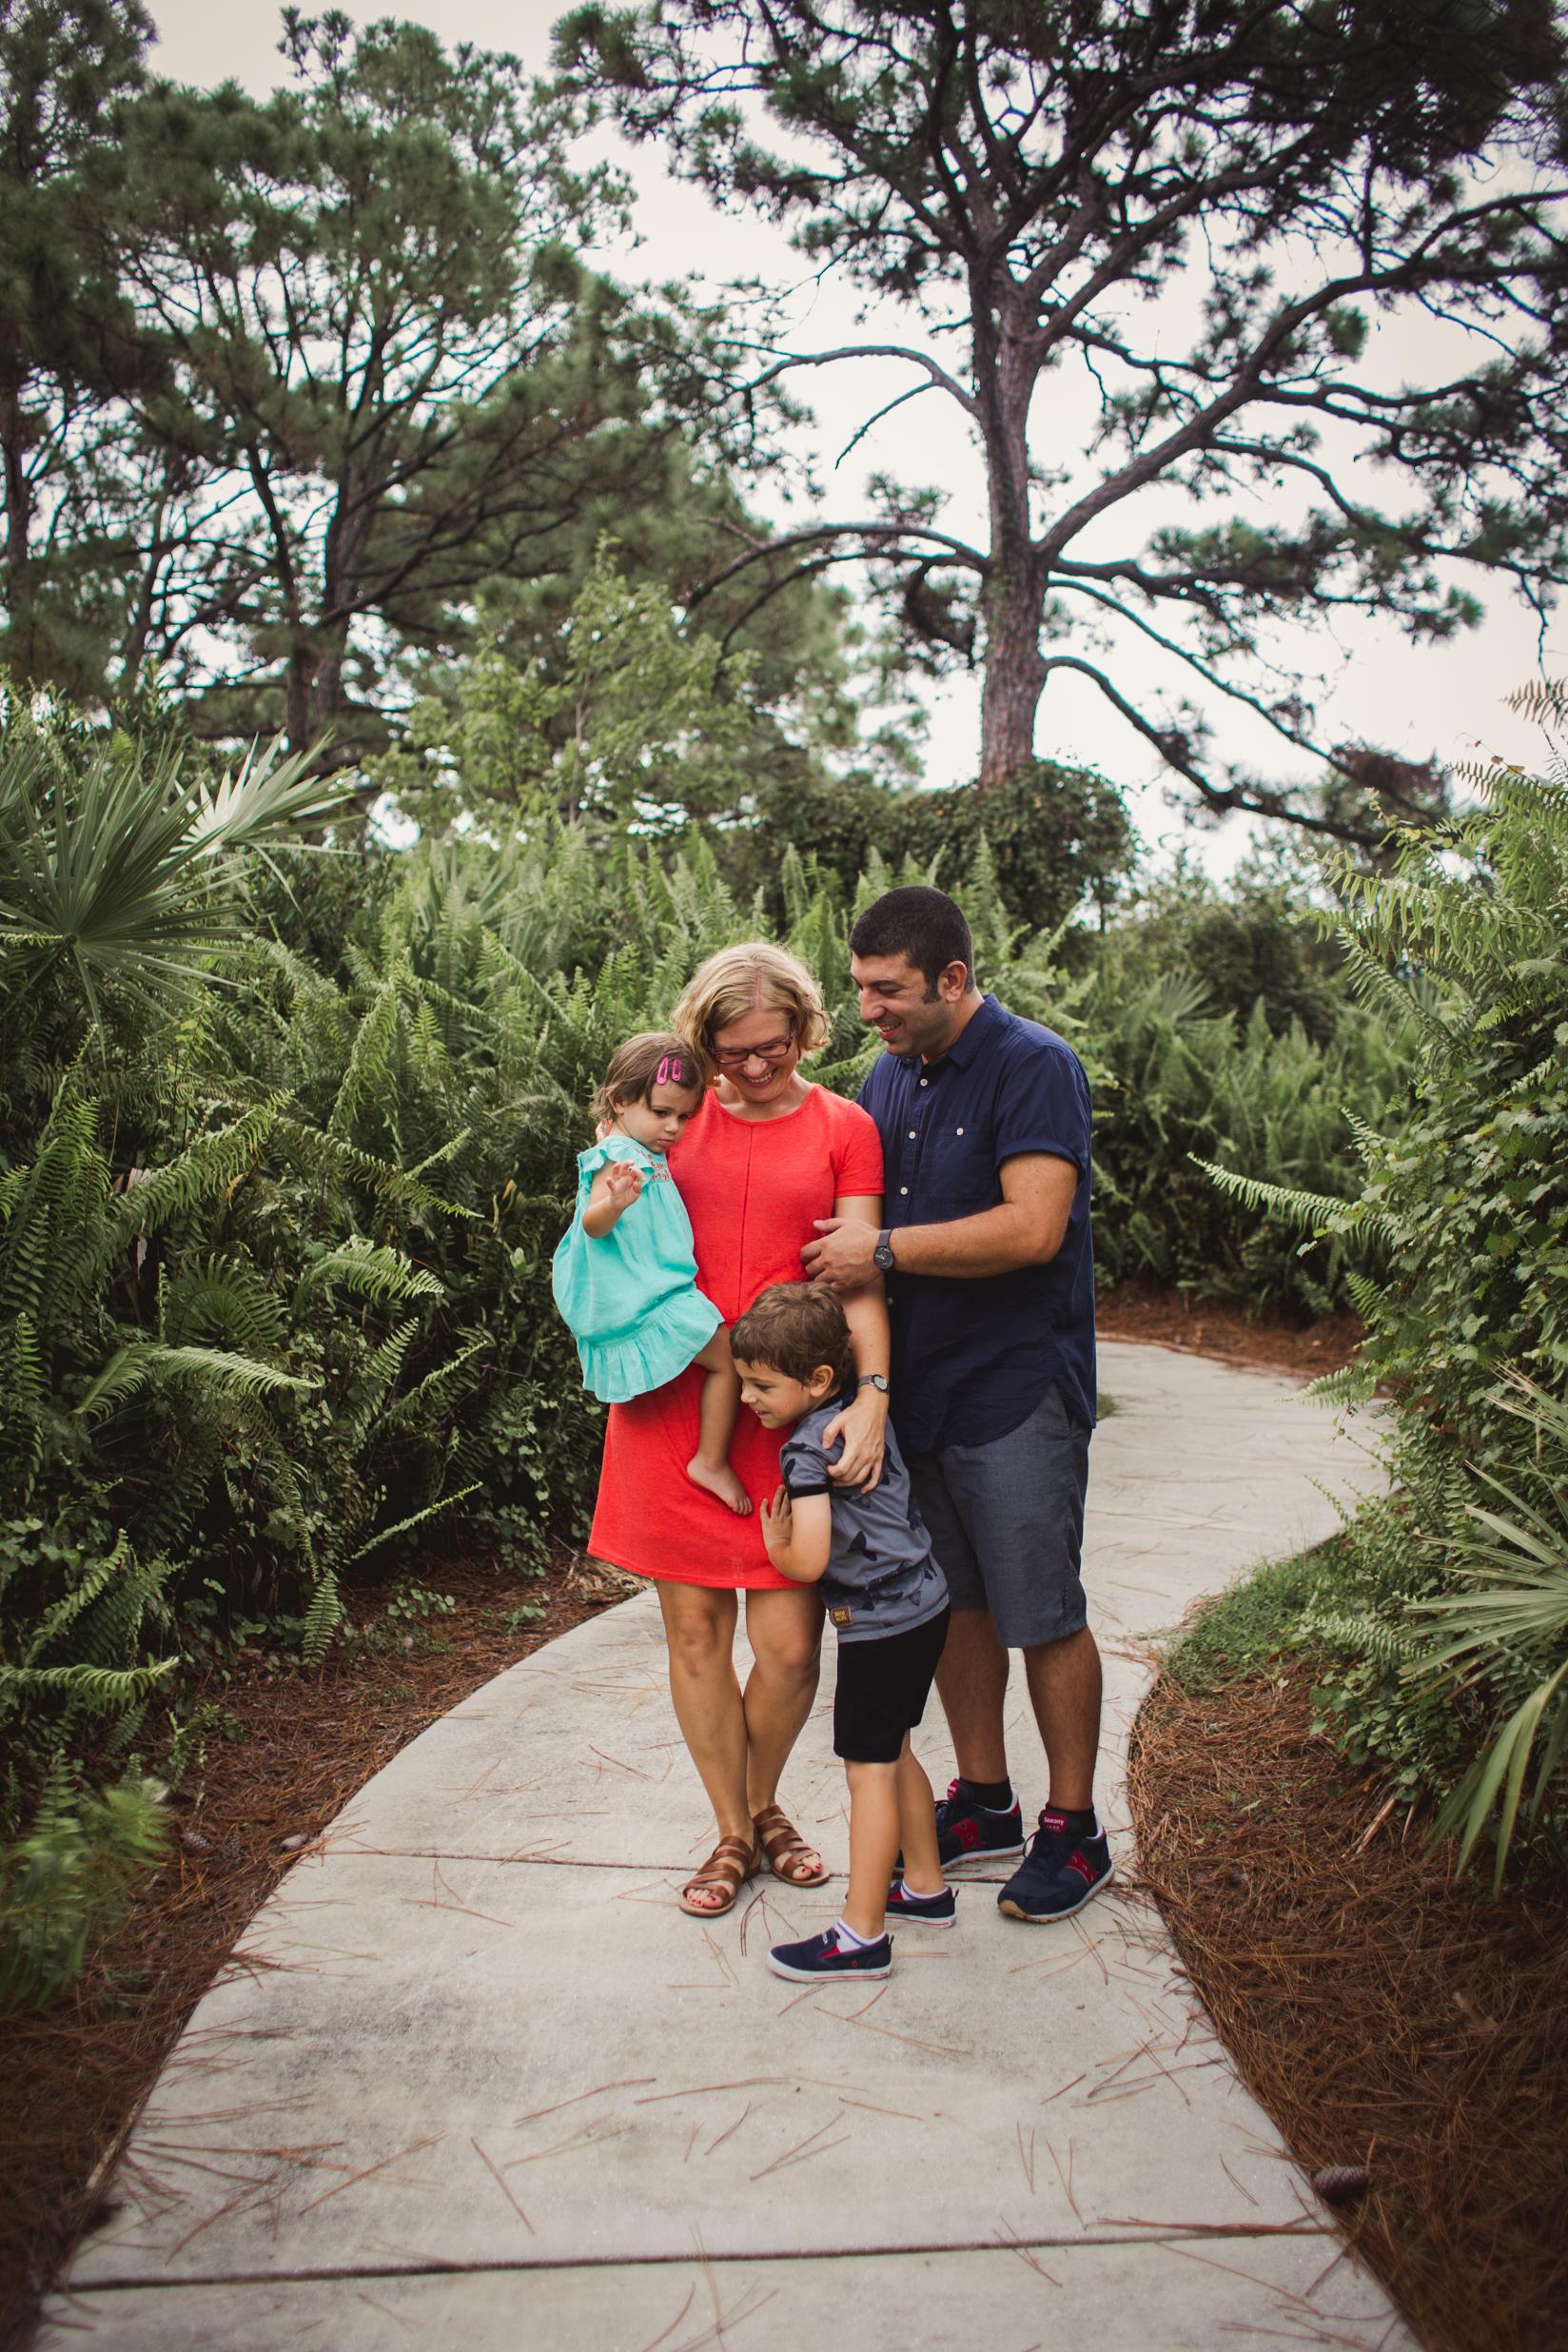 family-photographer-delray-beach-elegant-child-nordstrom.jpg